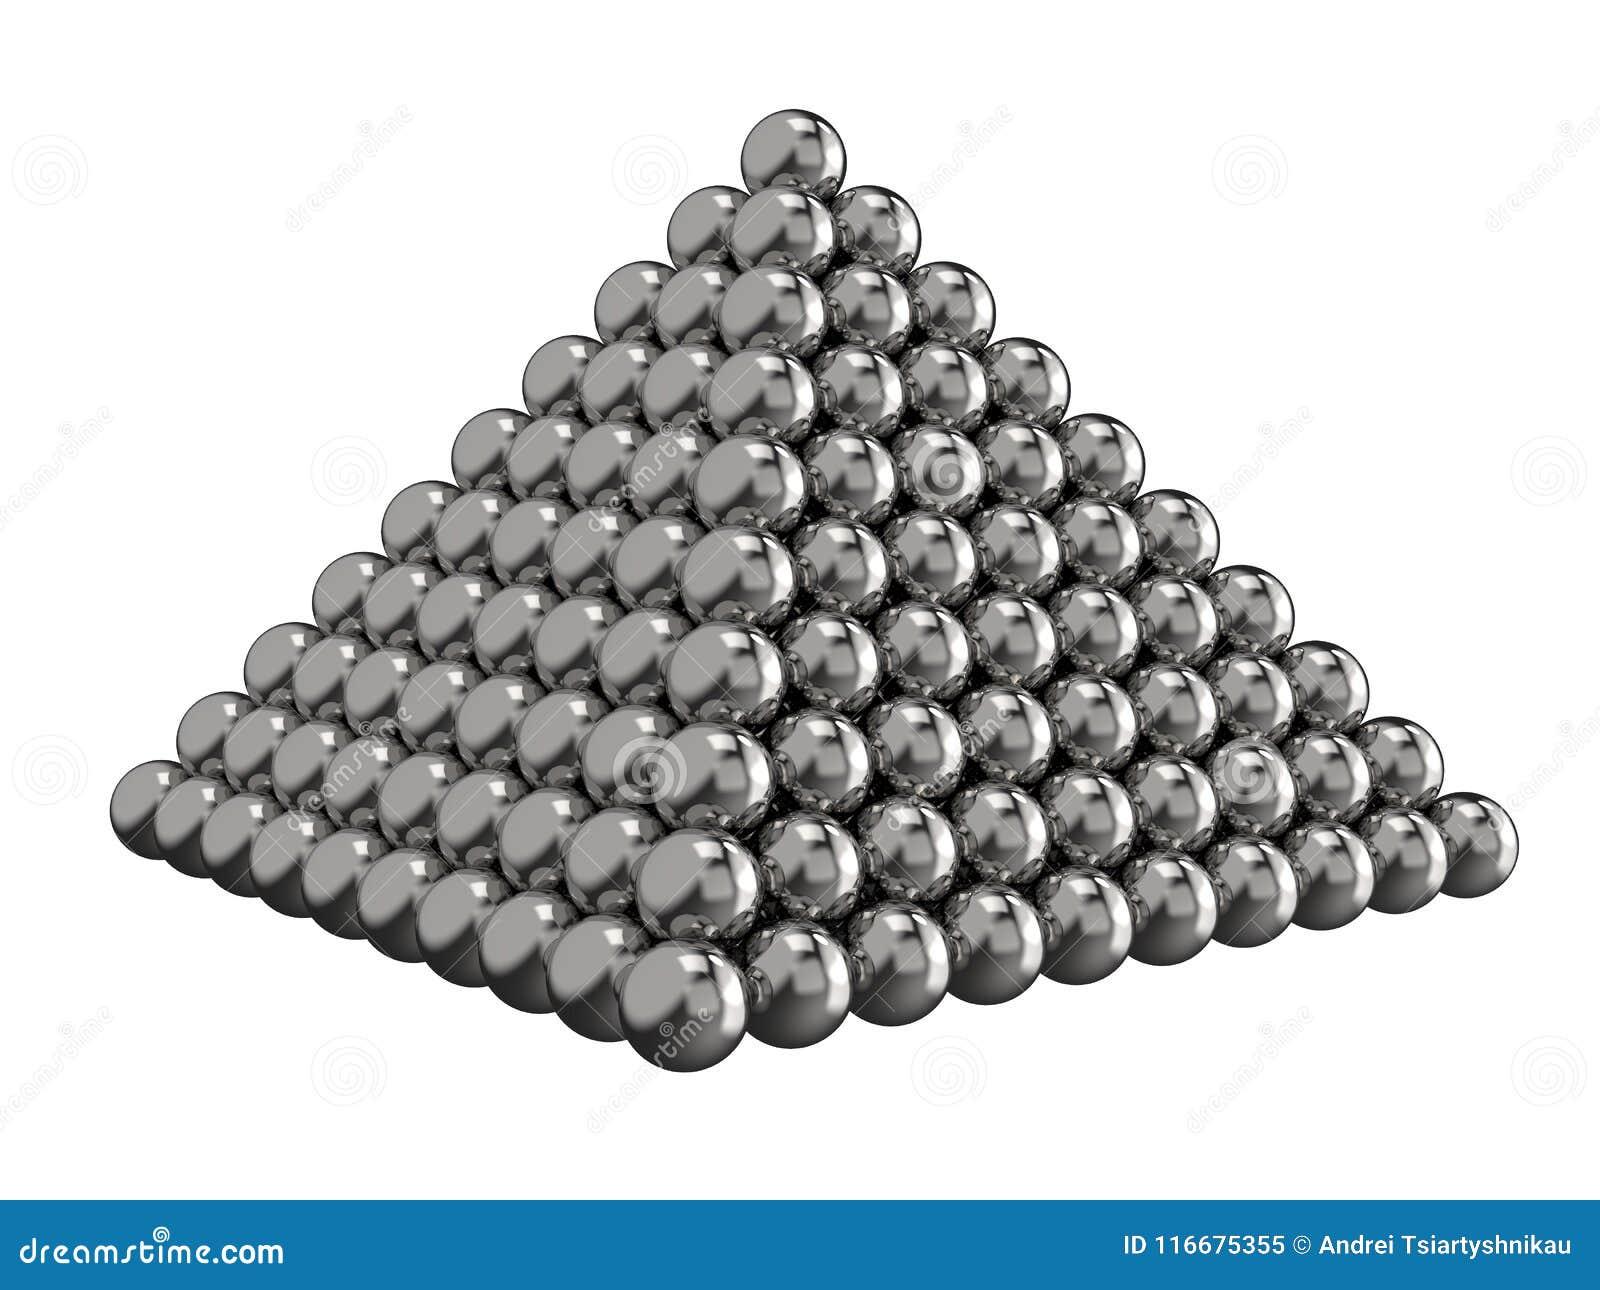 Pyramide von Stahlbällen auf einem weißen Hintergrund Spielzeug für Kinder Wiedergabe 3d